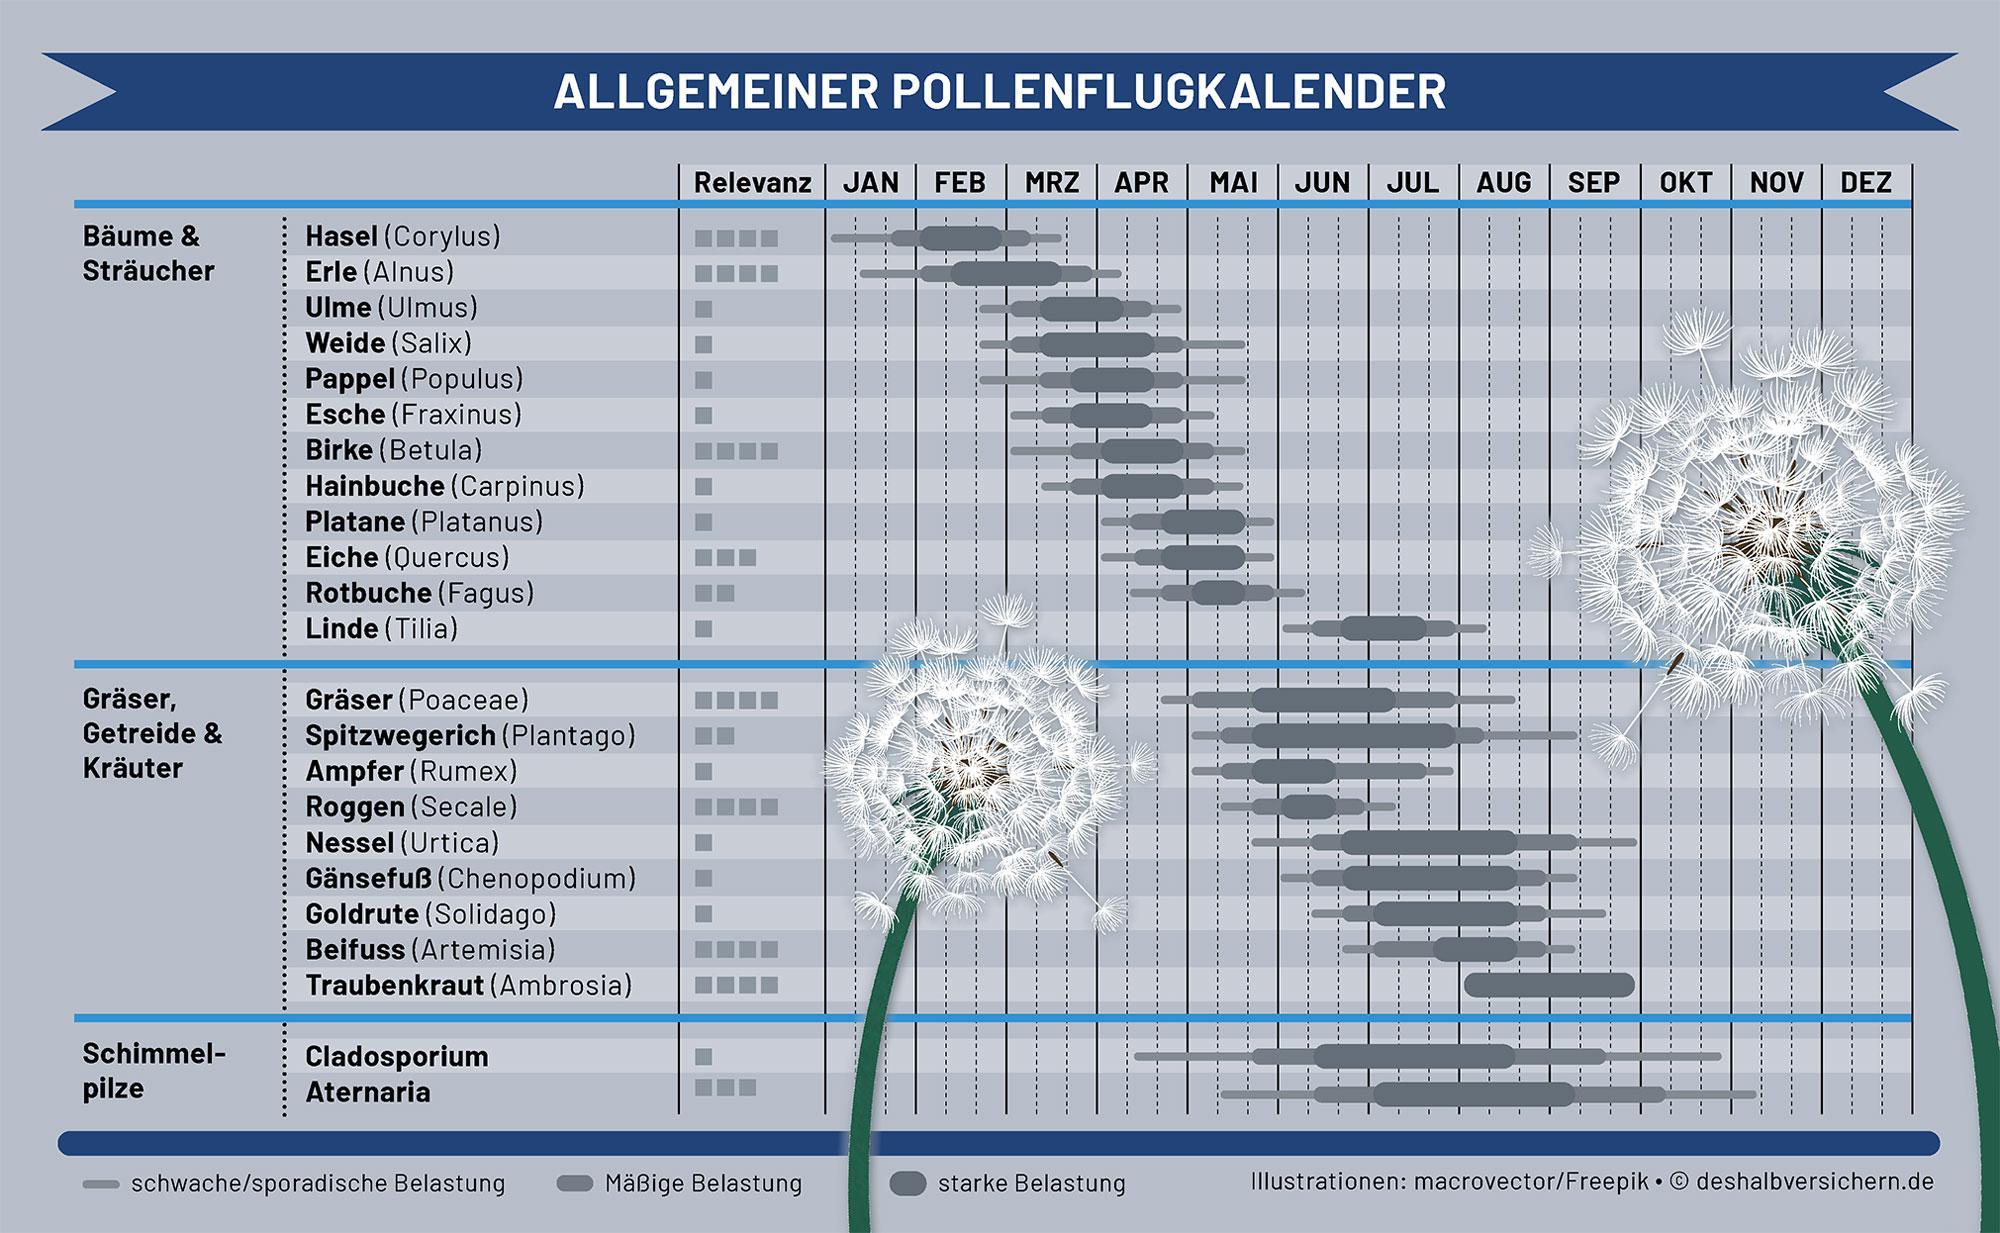 Triefnase, Husten und Atemnot: Trotz Pollenallergie fit durch den Frühling